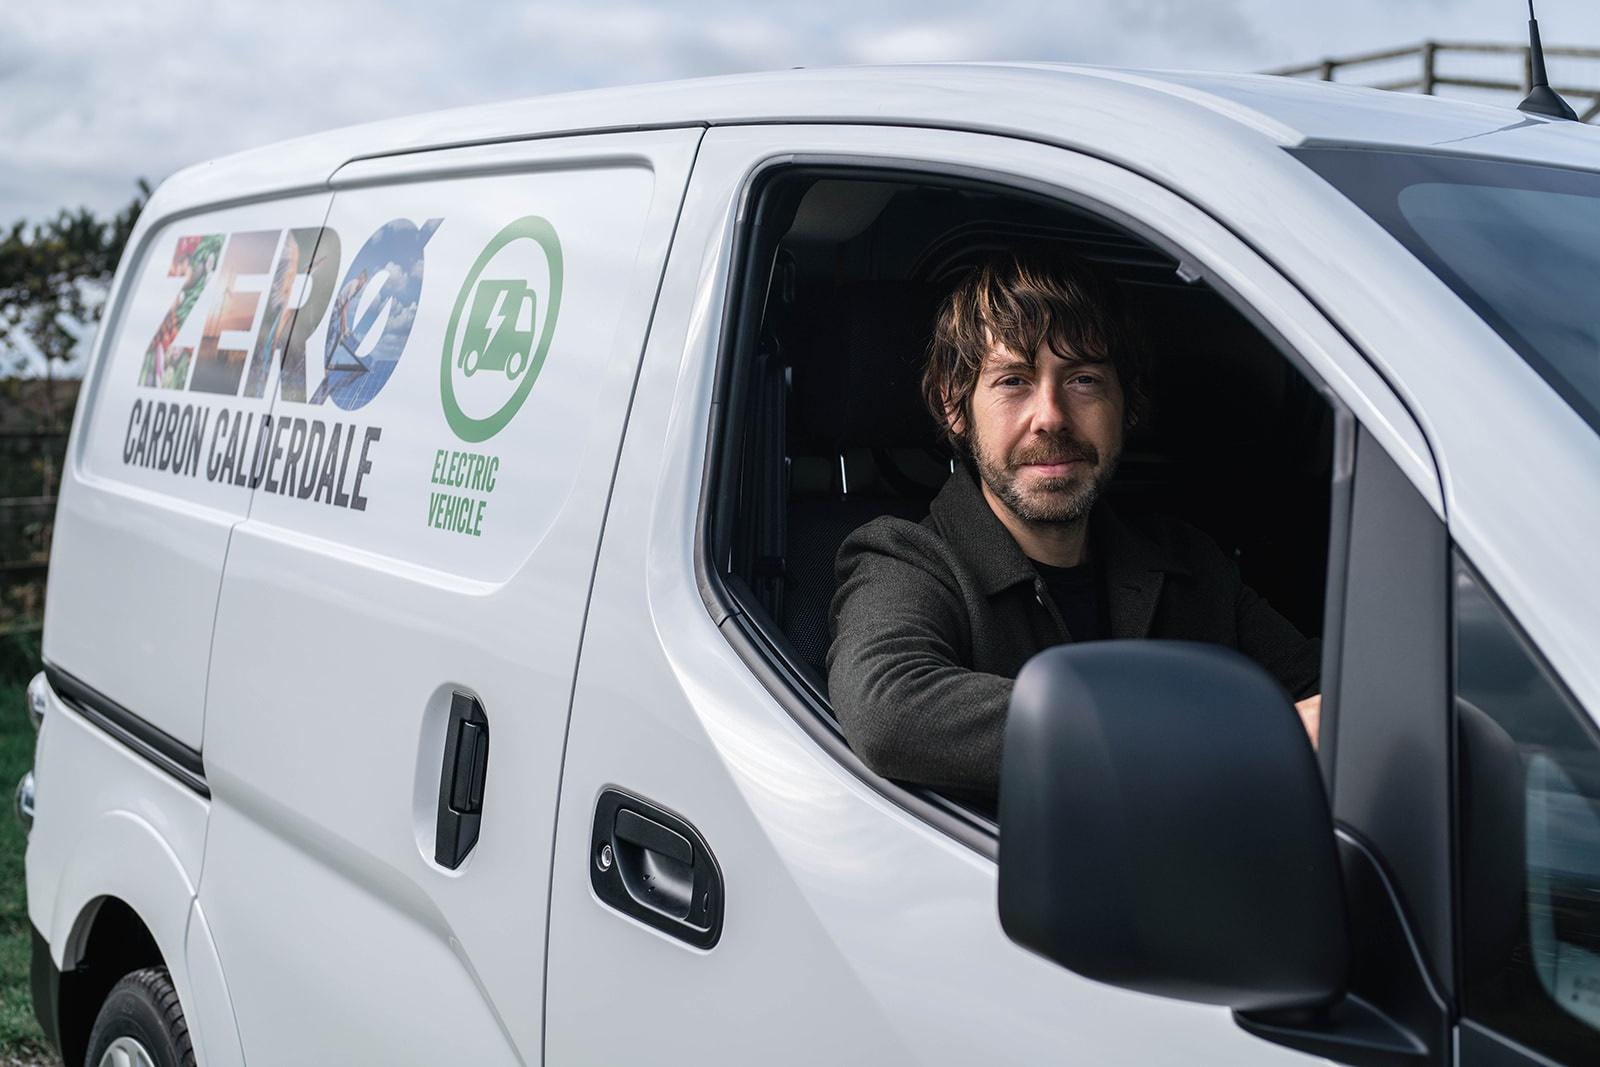 Cllr Patient in electric van